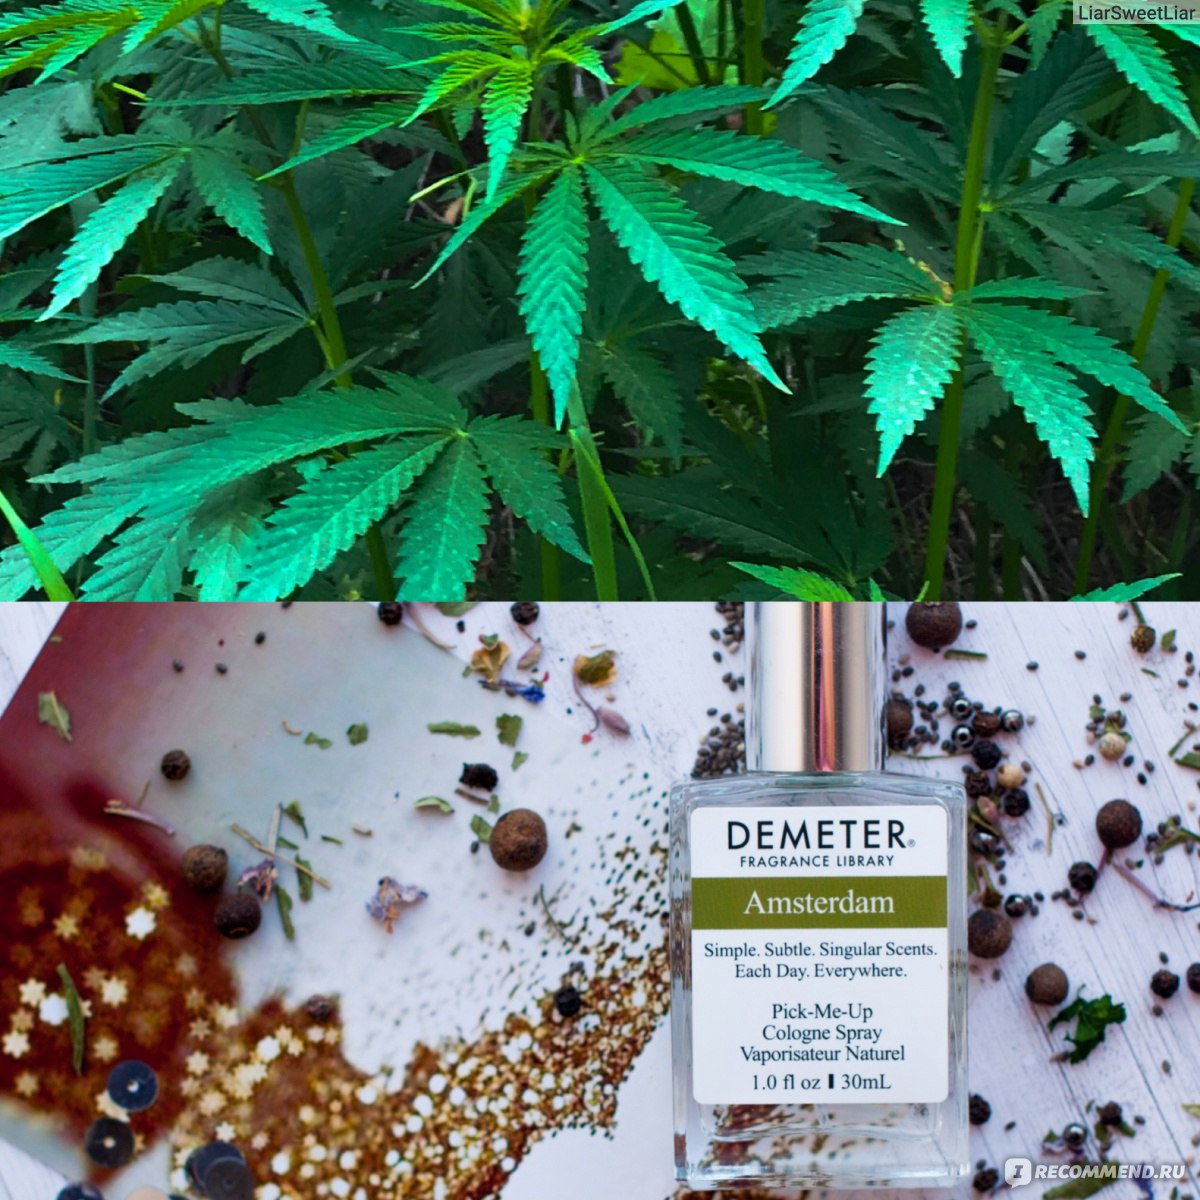 Где купить семена марихуаны в амстердаме почему в россии нельзя курить марихуану